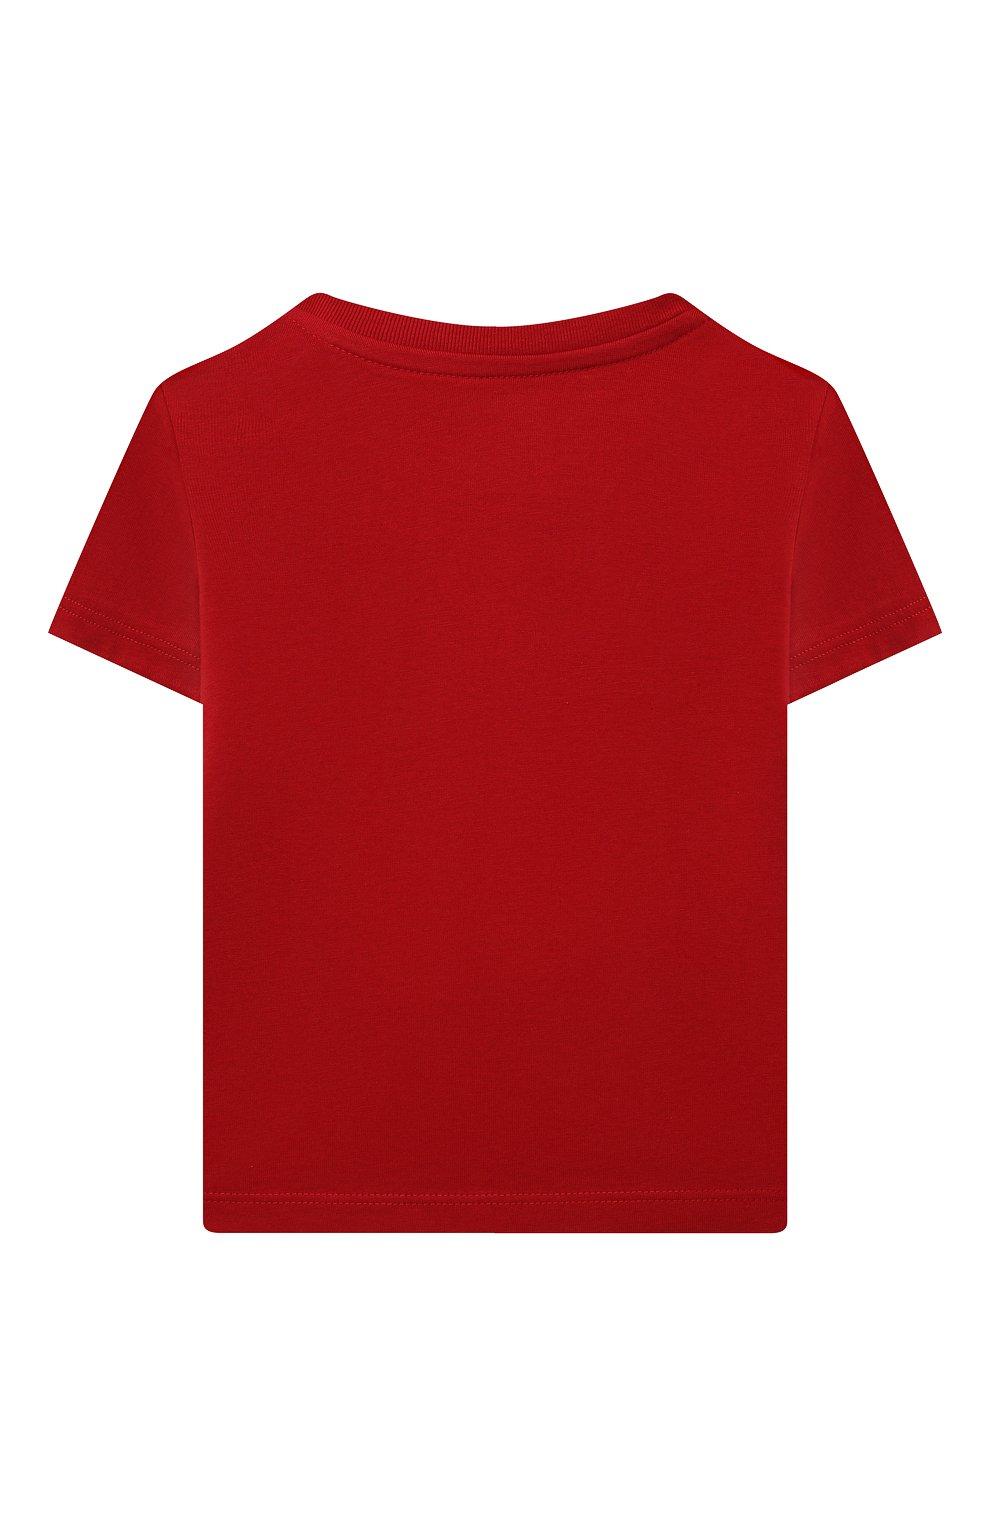 Детский хлопковая футболка POLO RALPH LAUREN красного цвета, арт. 320832904 | Фото 2 (Рукава: Короткие; Материал внешний: Хлопок; Ростовка одежда: 9 мес | 74 см, 12 мес | 80 см)